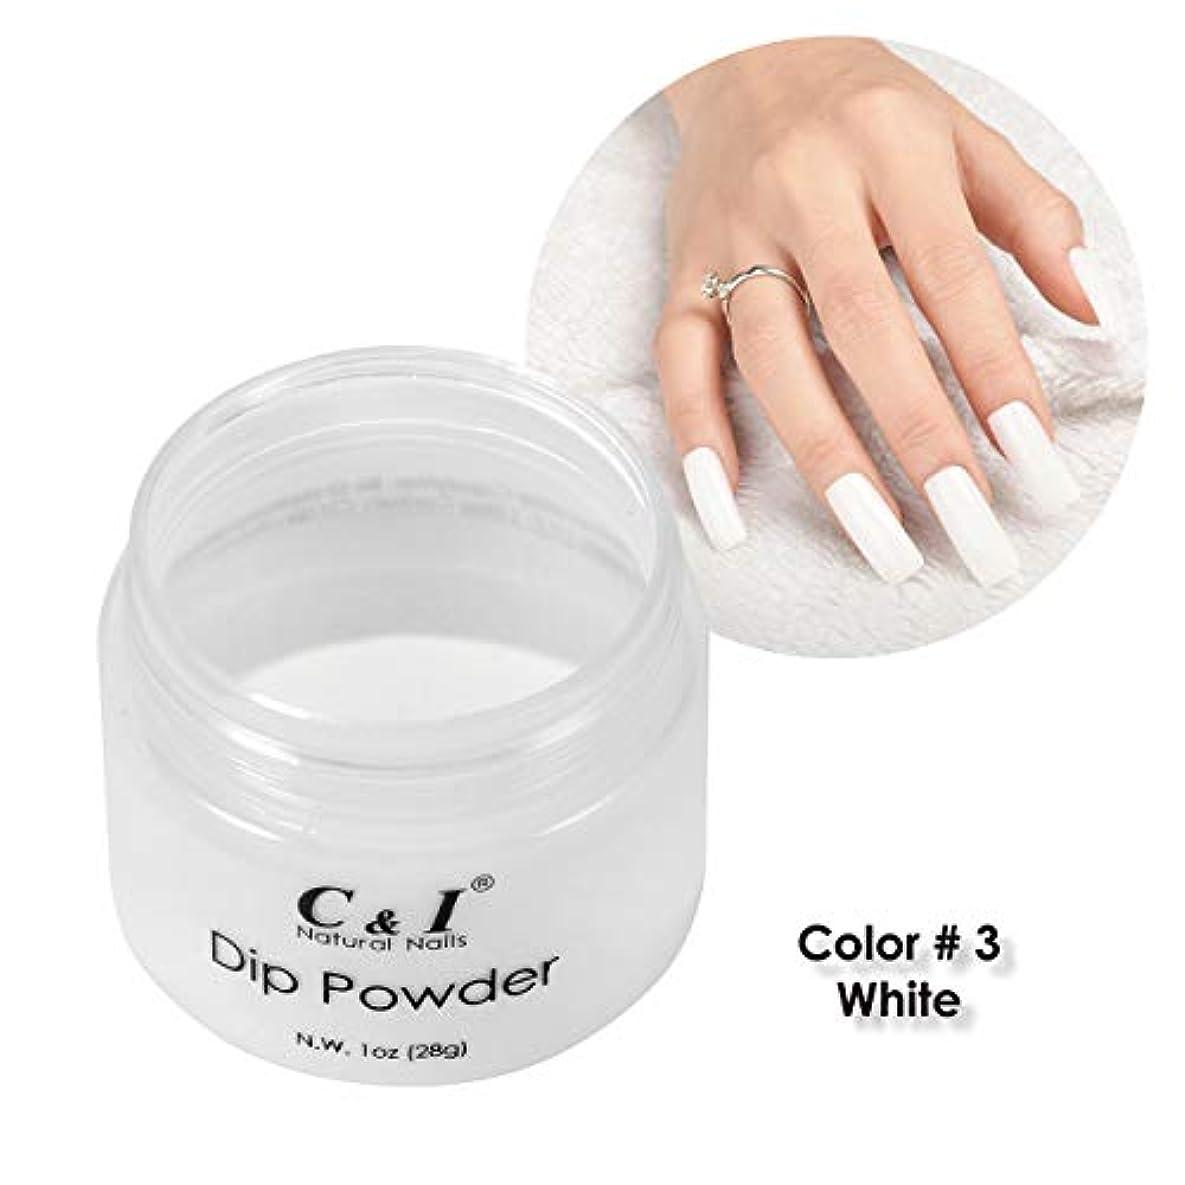 添加剤スリルインゲンC & I Dip Powder ネイルディップパウダー、ネイルカラーパウダー、カラーNo.3